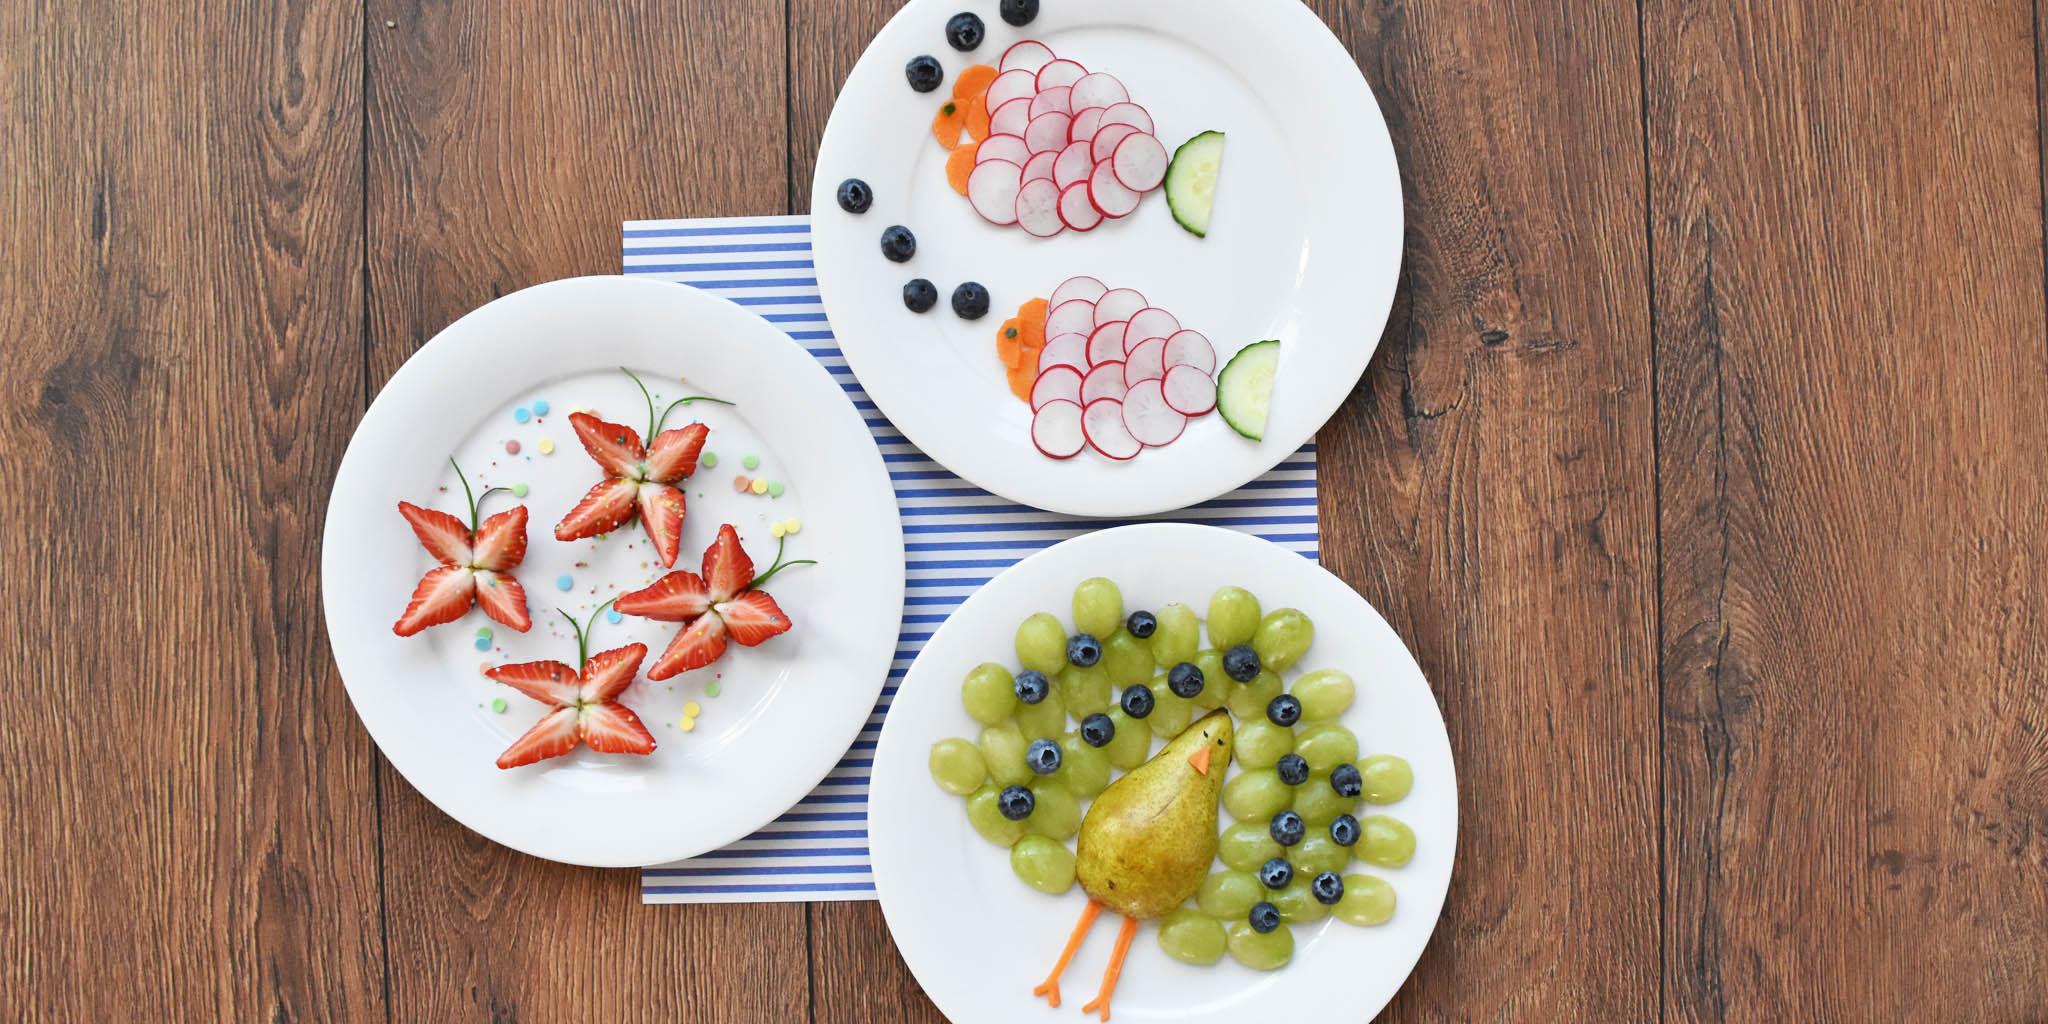 Zo maak je het eten van fruit en groenten leuk